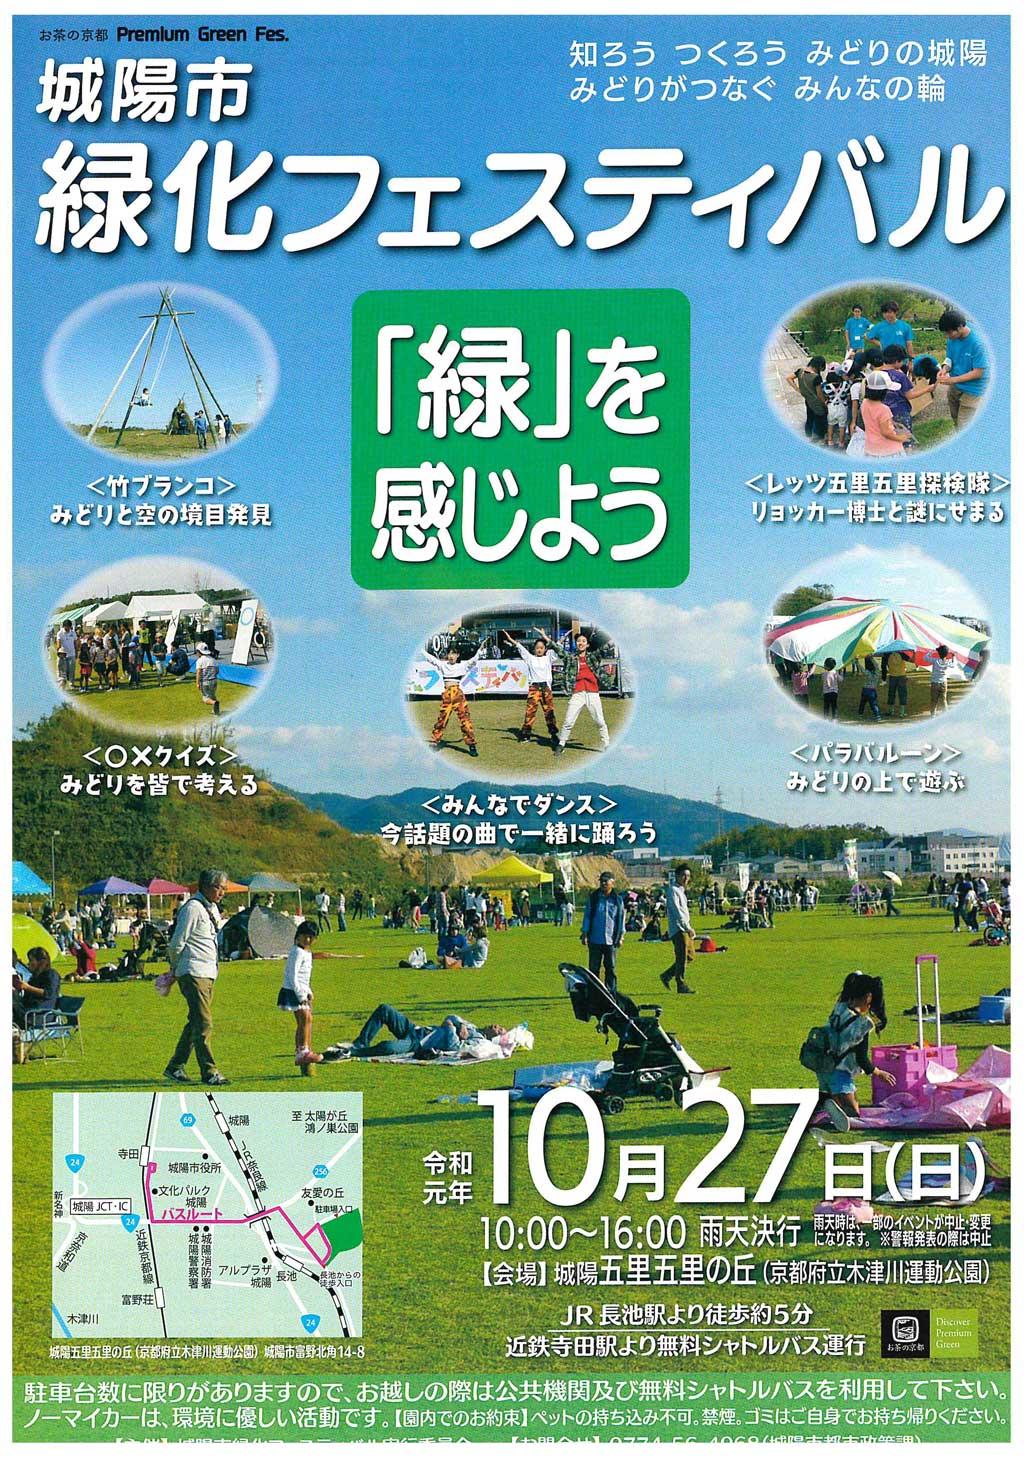 城陽市緑化フェスティバル2019